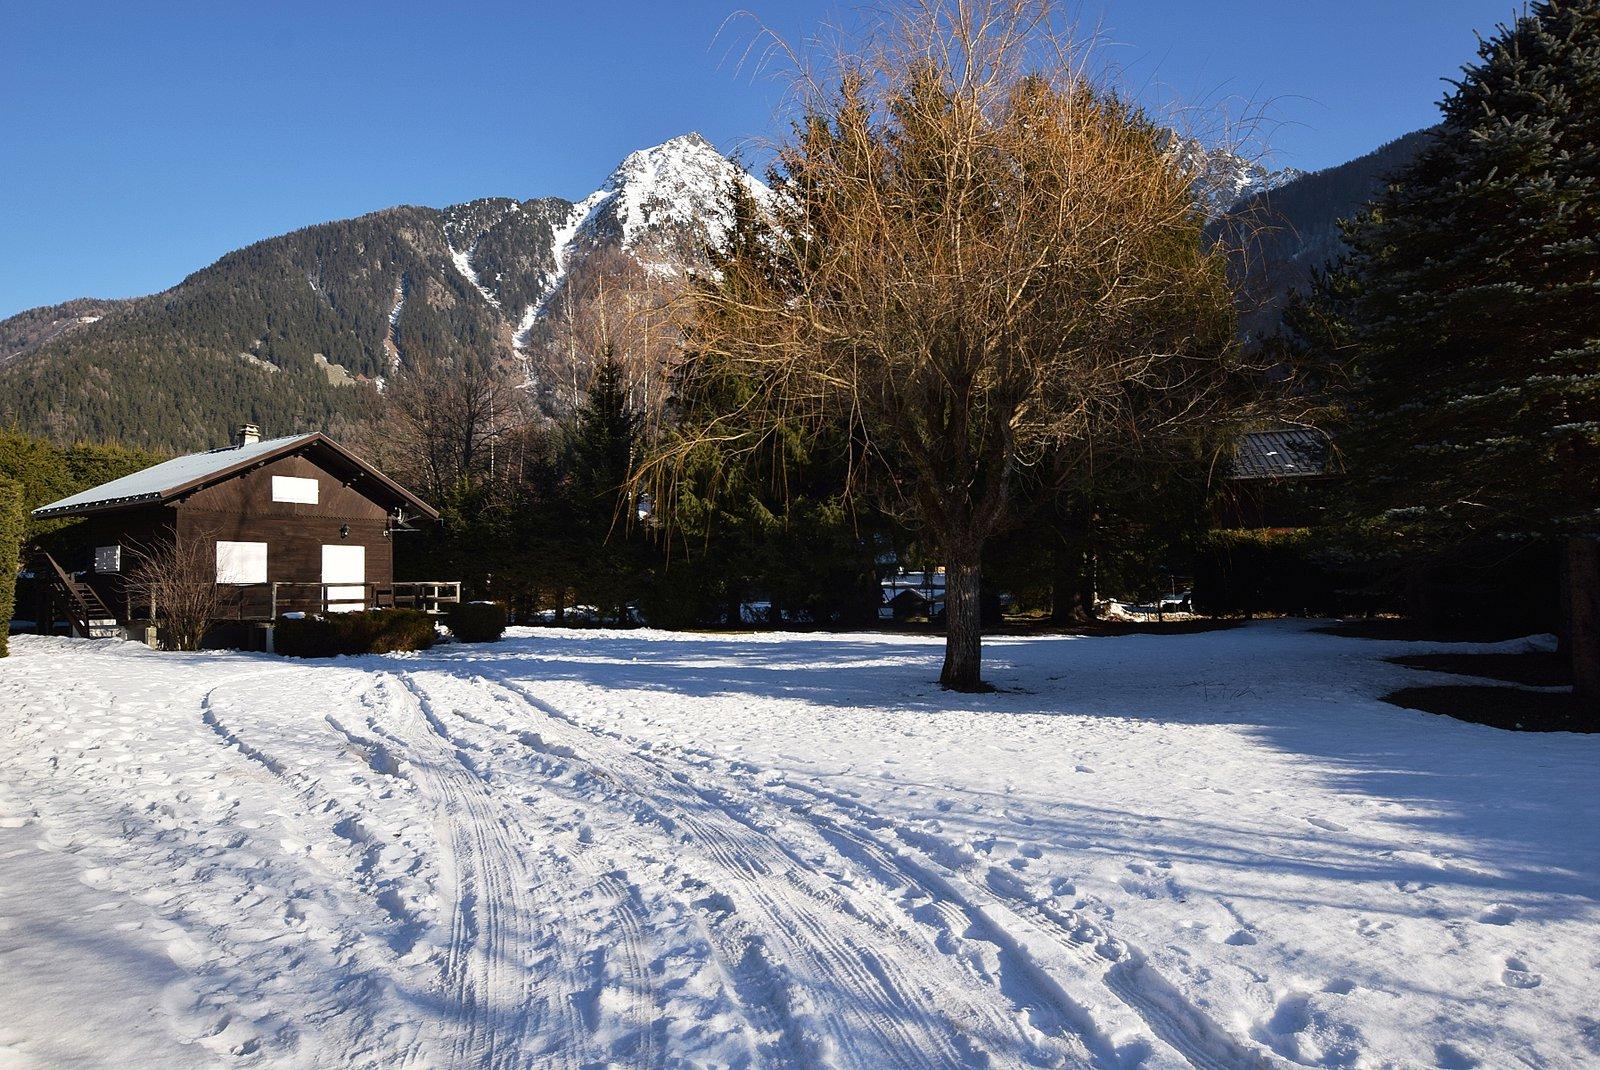 Chalet For Sale - Chalet Les Drus, Chamonix Mont-Blanc, France encequiconcerne Vente Chalet Chamonix